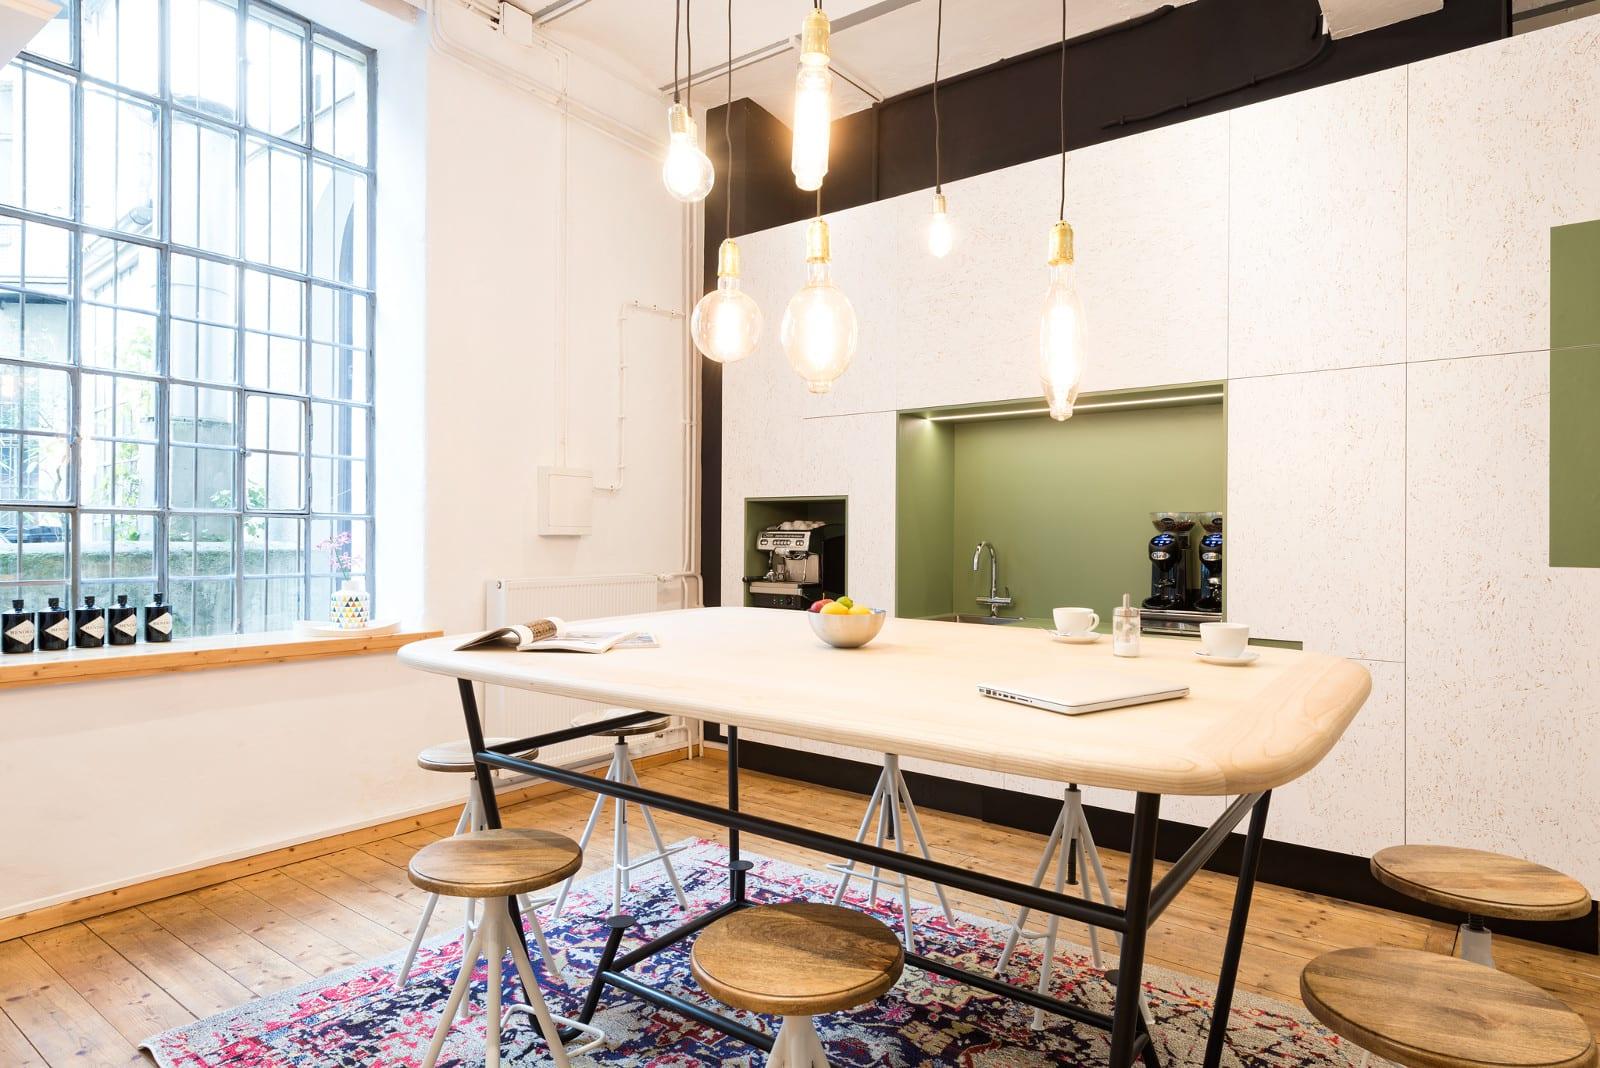 Kaffee, Obst, Softgetränke – Der Coworking-Space MATES bietet alles was ein Freelancer braucht.